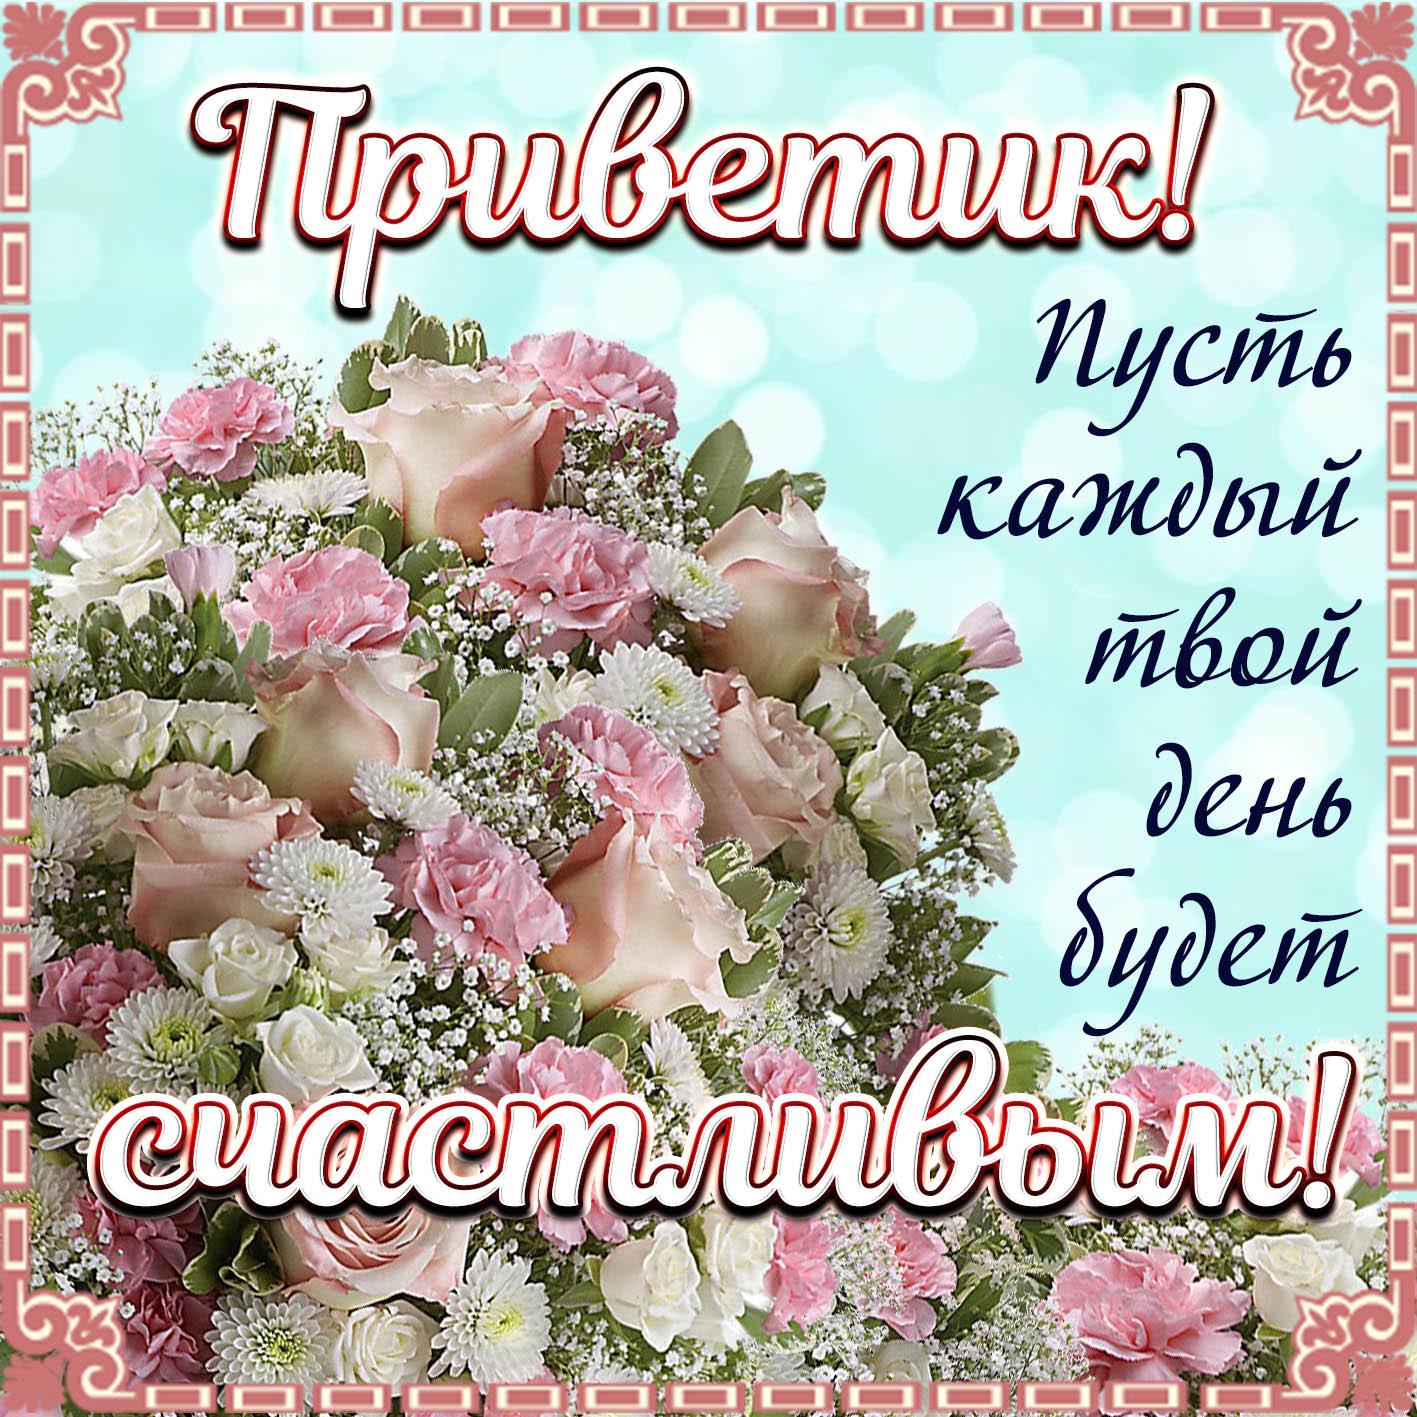 Сегодня ты счастливей всех поздравление